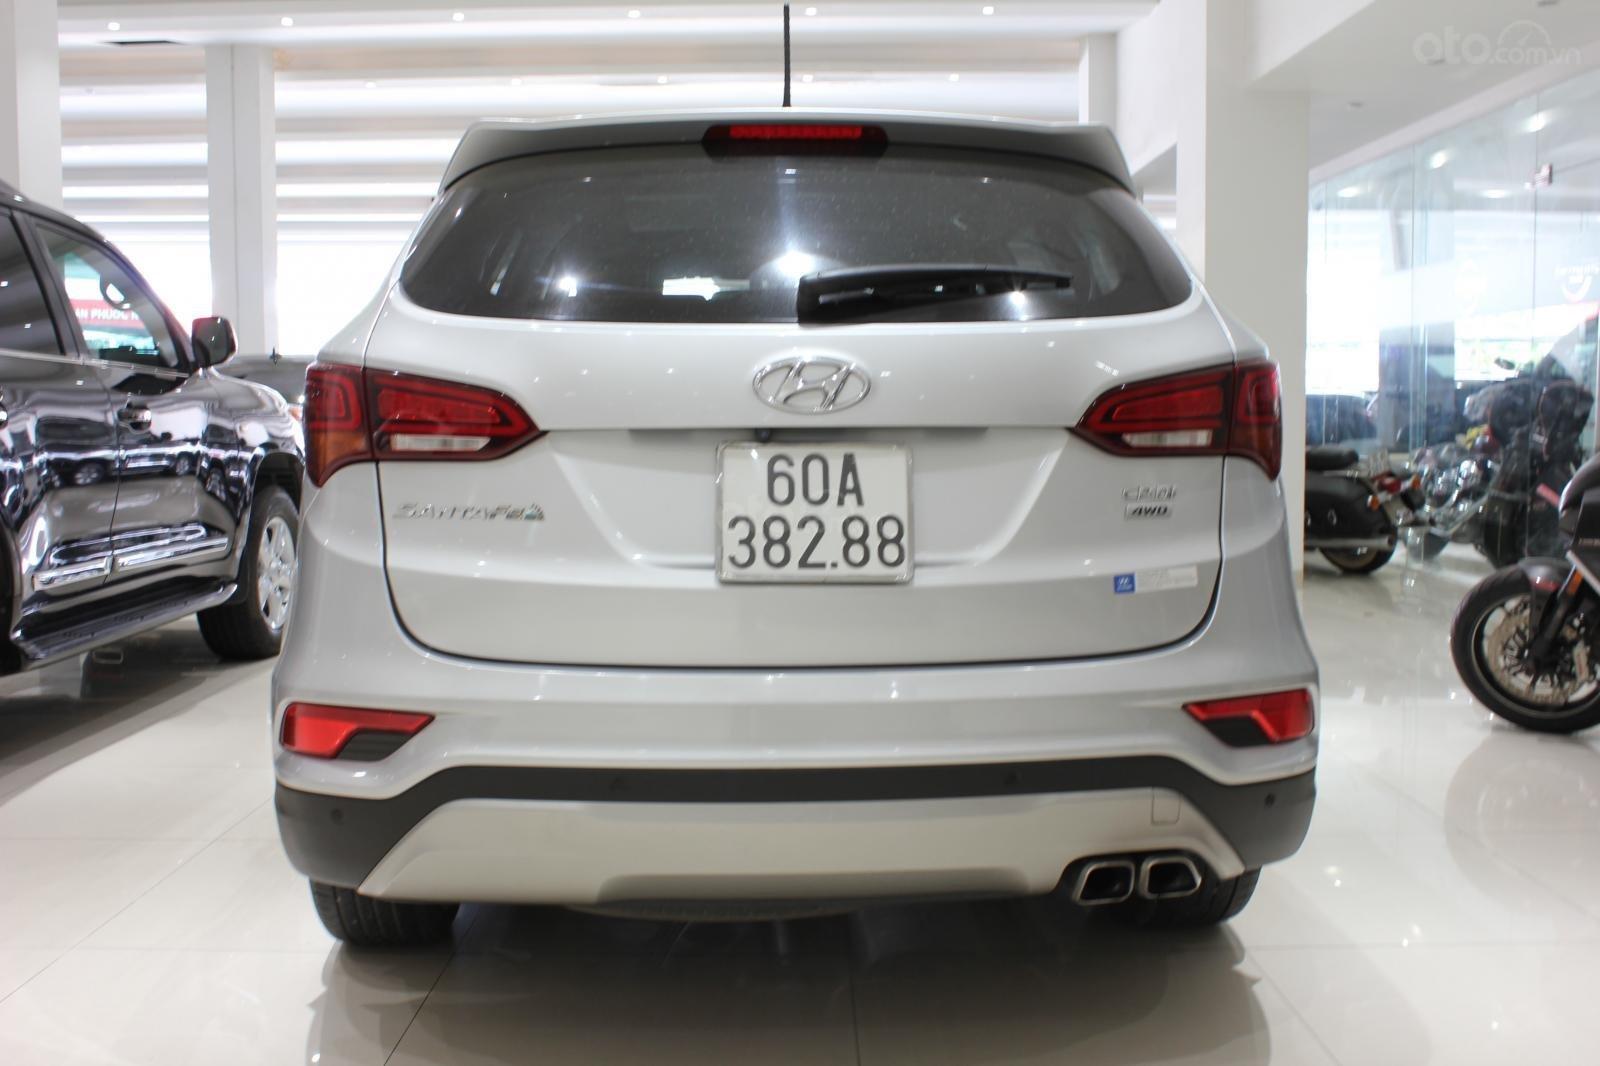 Bán xe Hyundai Santa Fe 2.2 4WD năm sản xuất 2017, màu bạc (6)